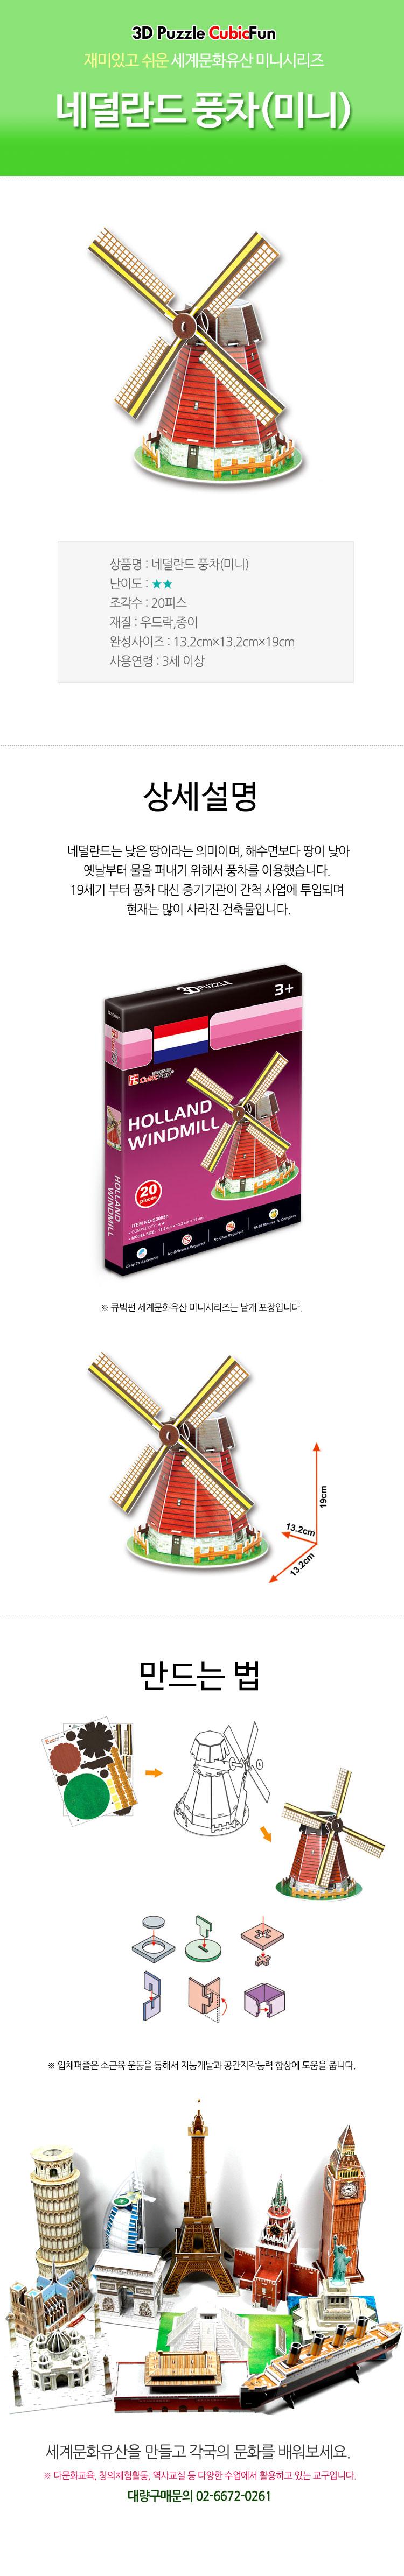 세계유명건축물 입체퍼즐 네덜란드풍차 미니 - 큐빅펀, 3,500원, 조각/퍼즐, 3D입체퍼즐